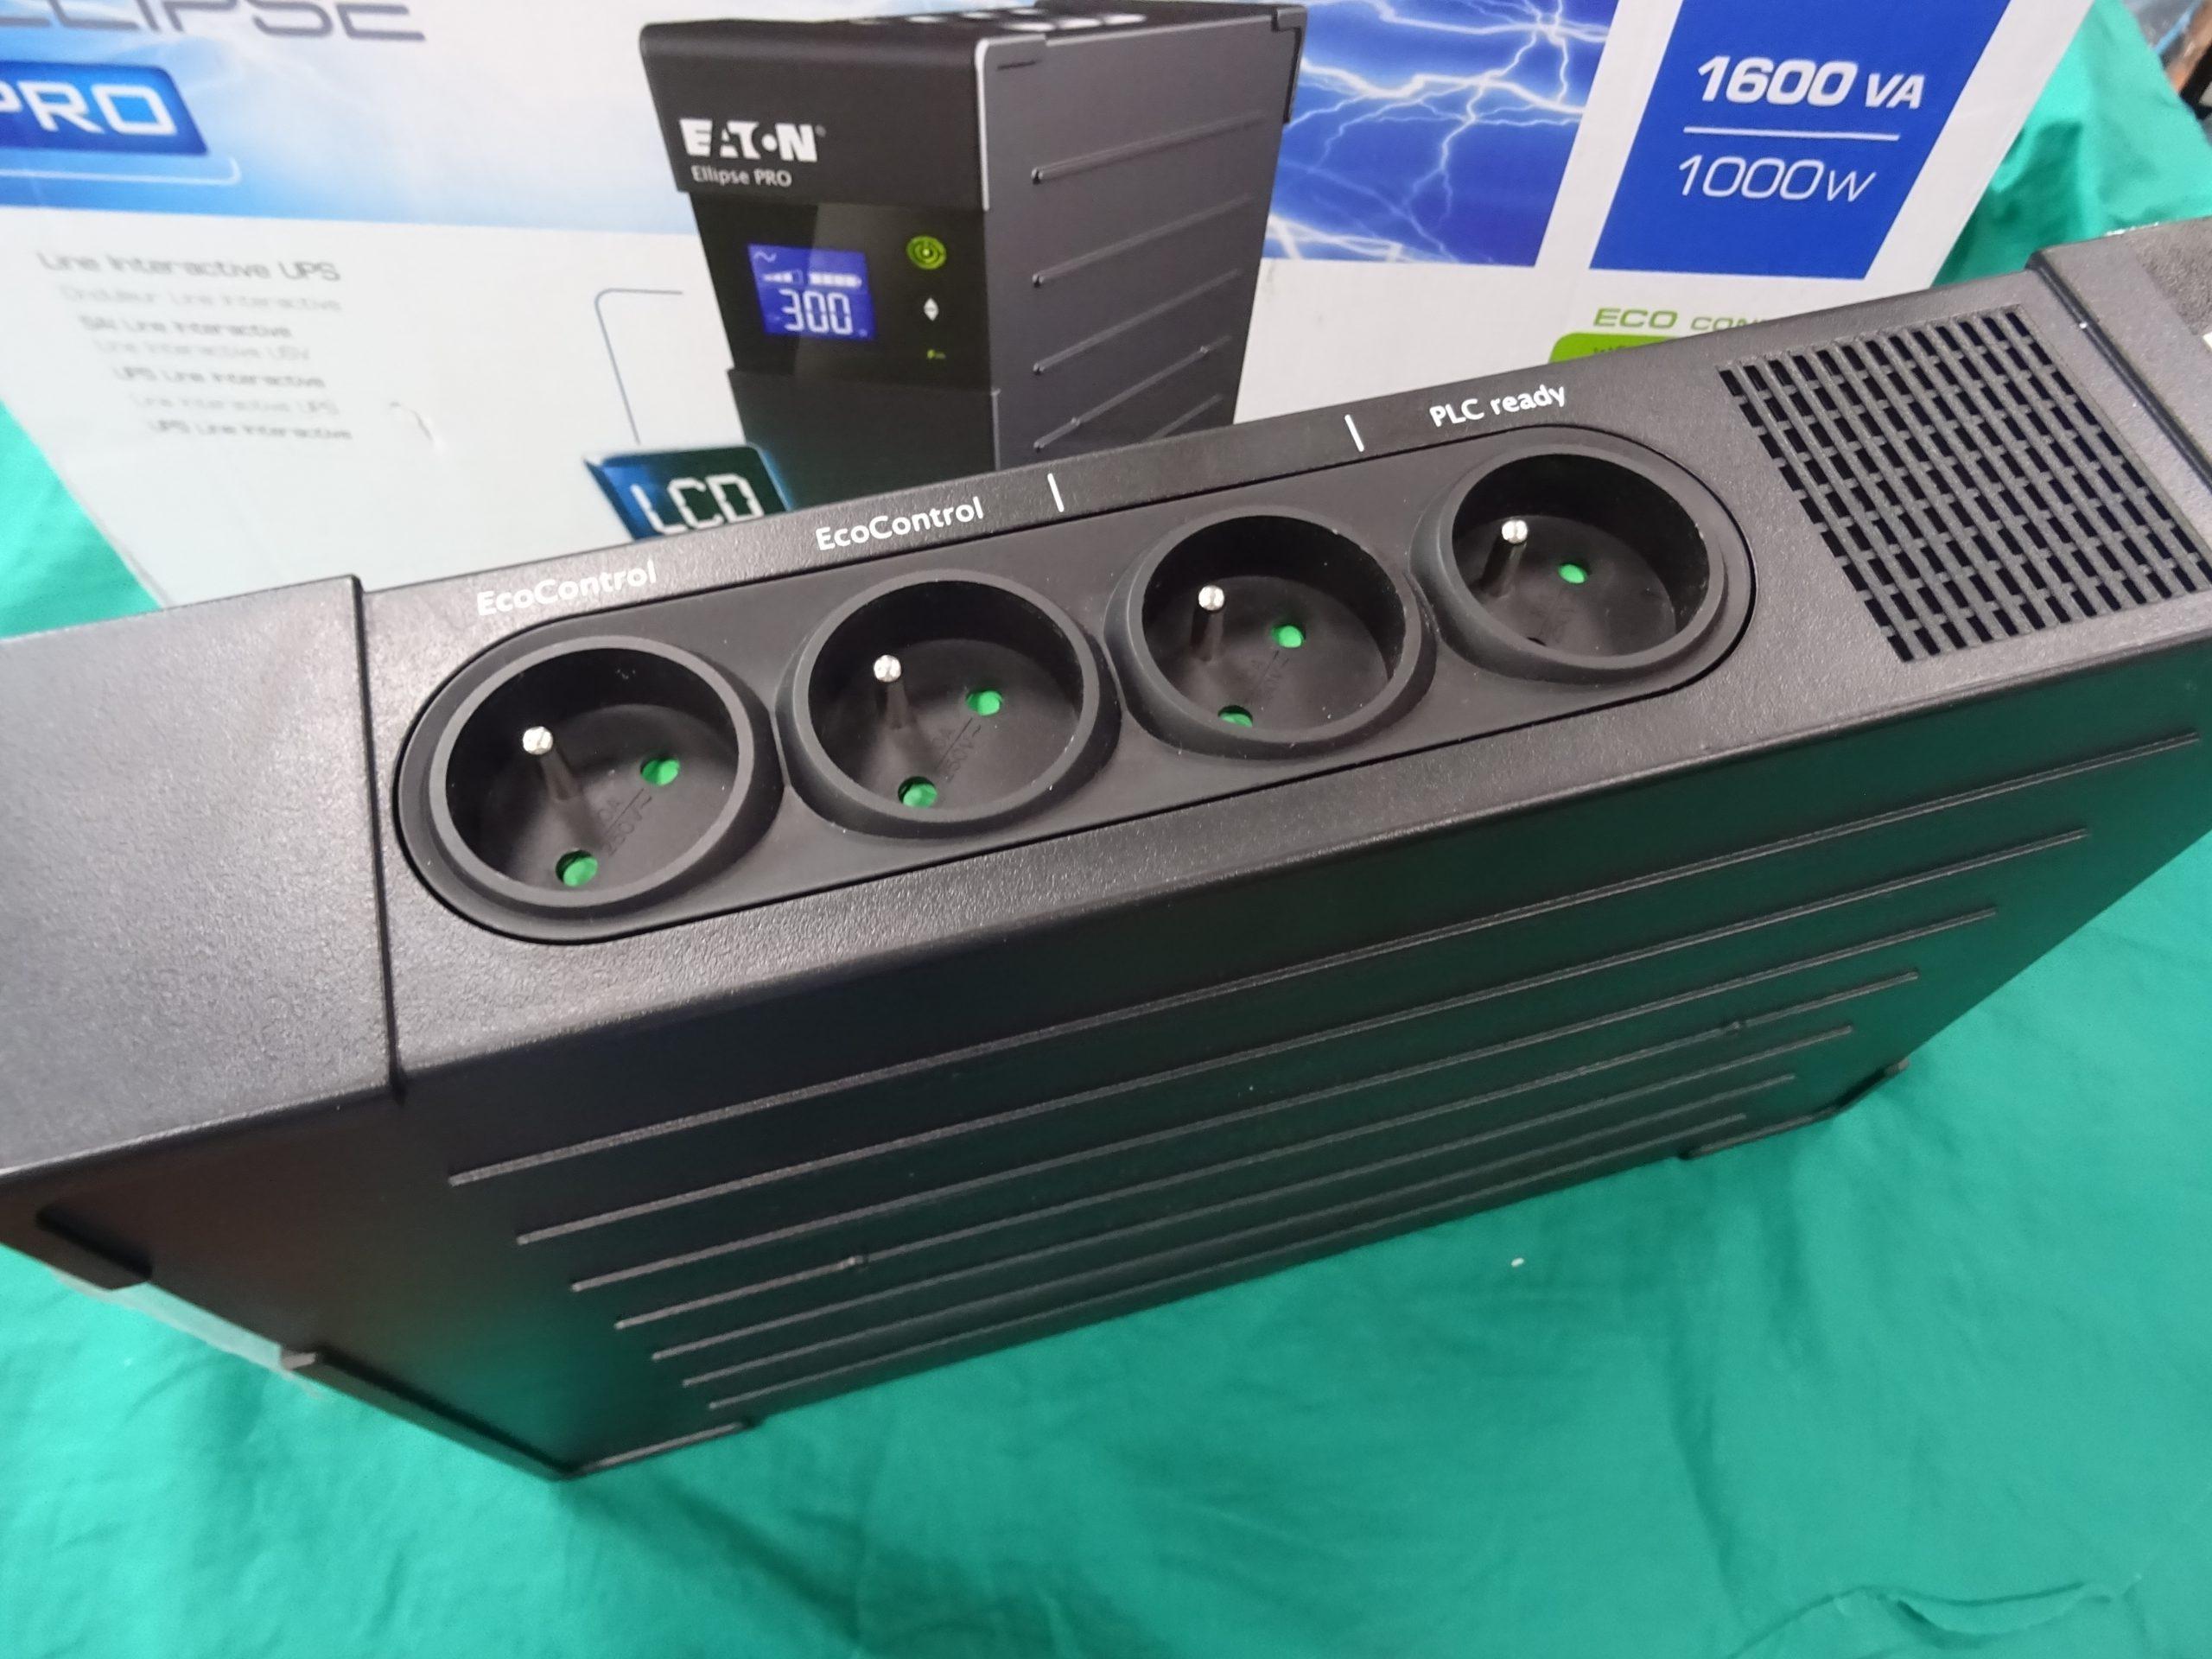 QVIART Mini2 műholdas vevő DVB-S2 1080p Full HD beltéri egység, kiemelt kép